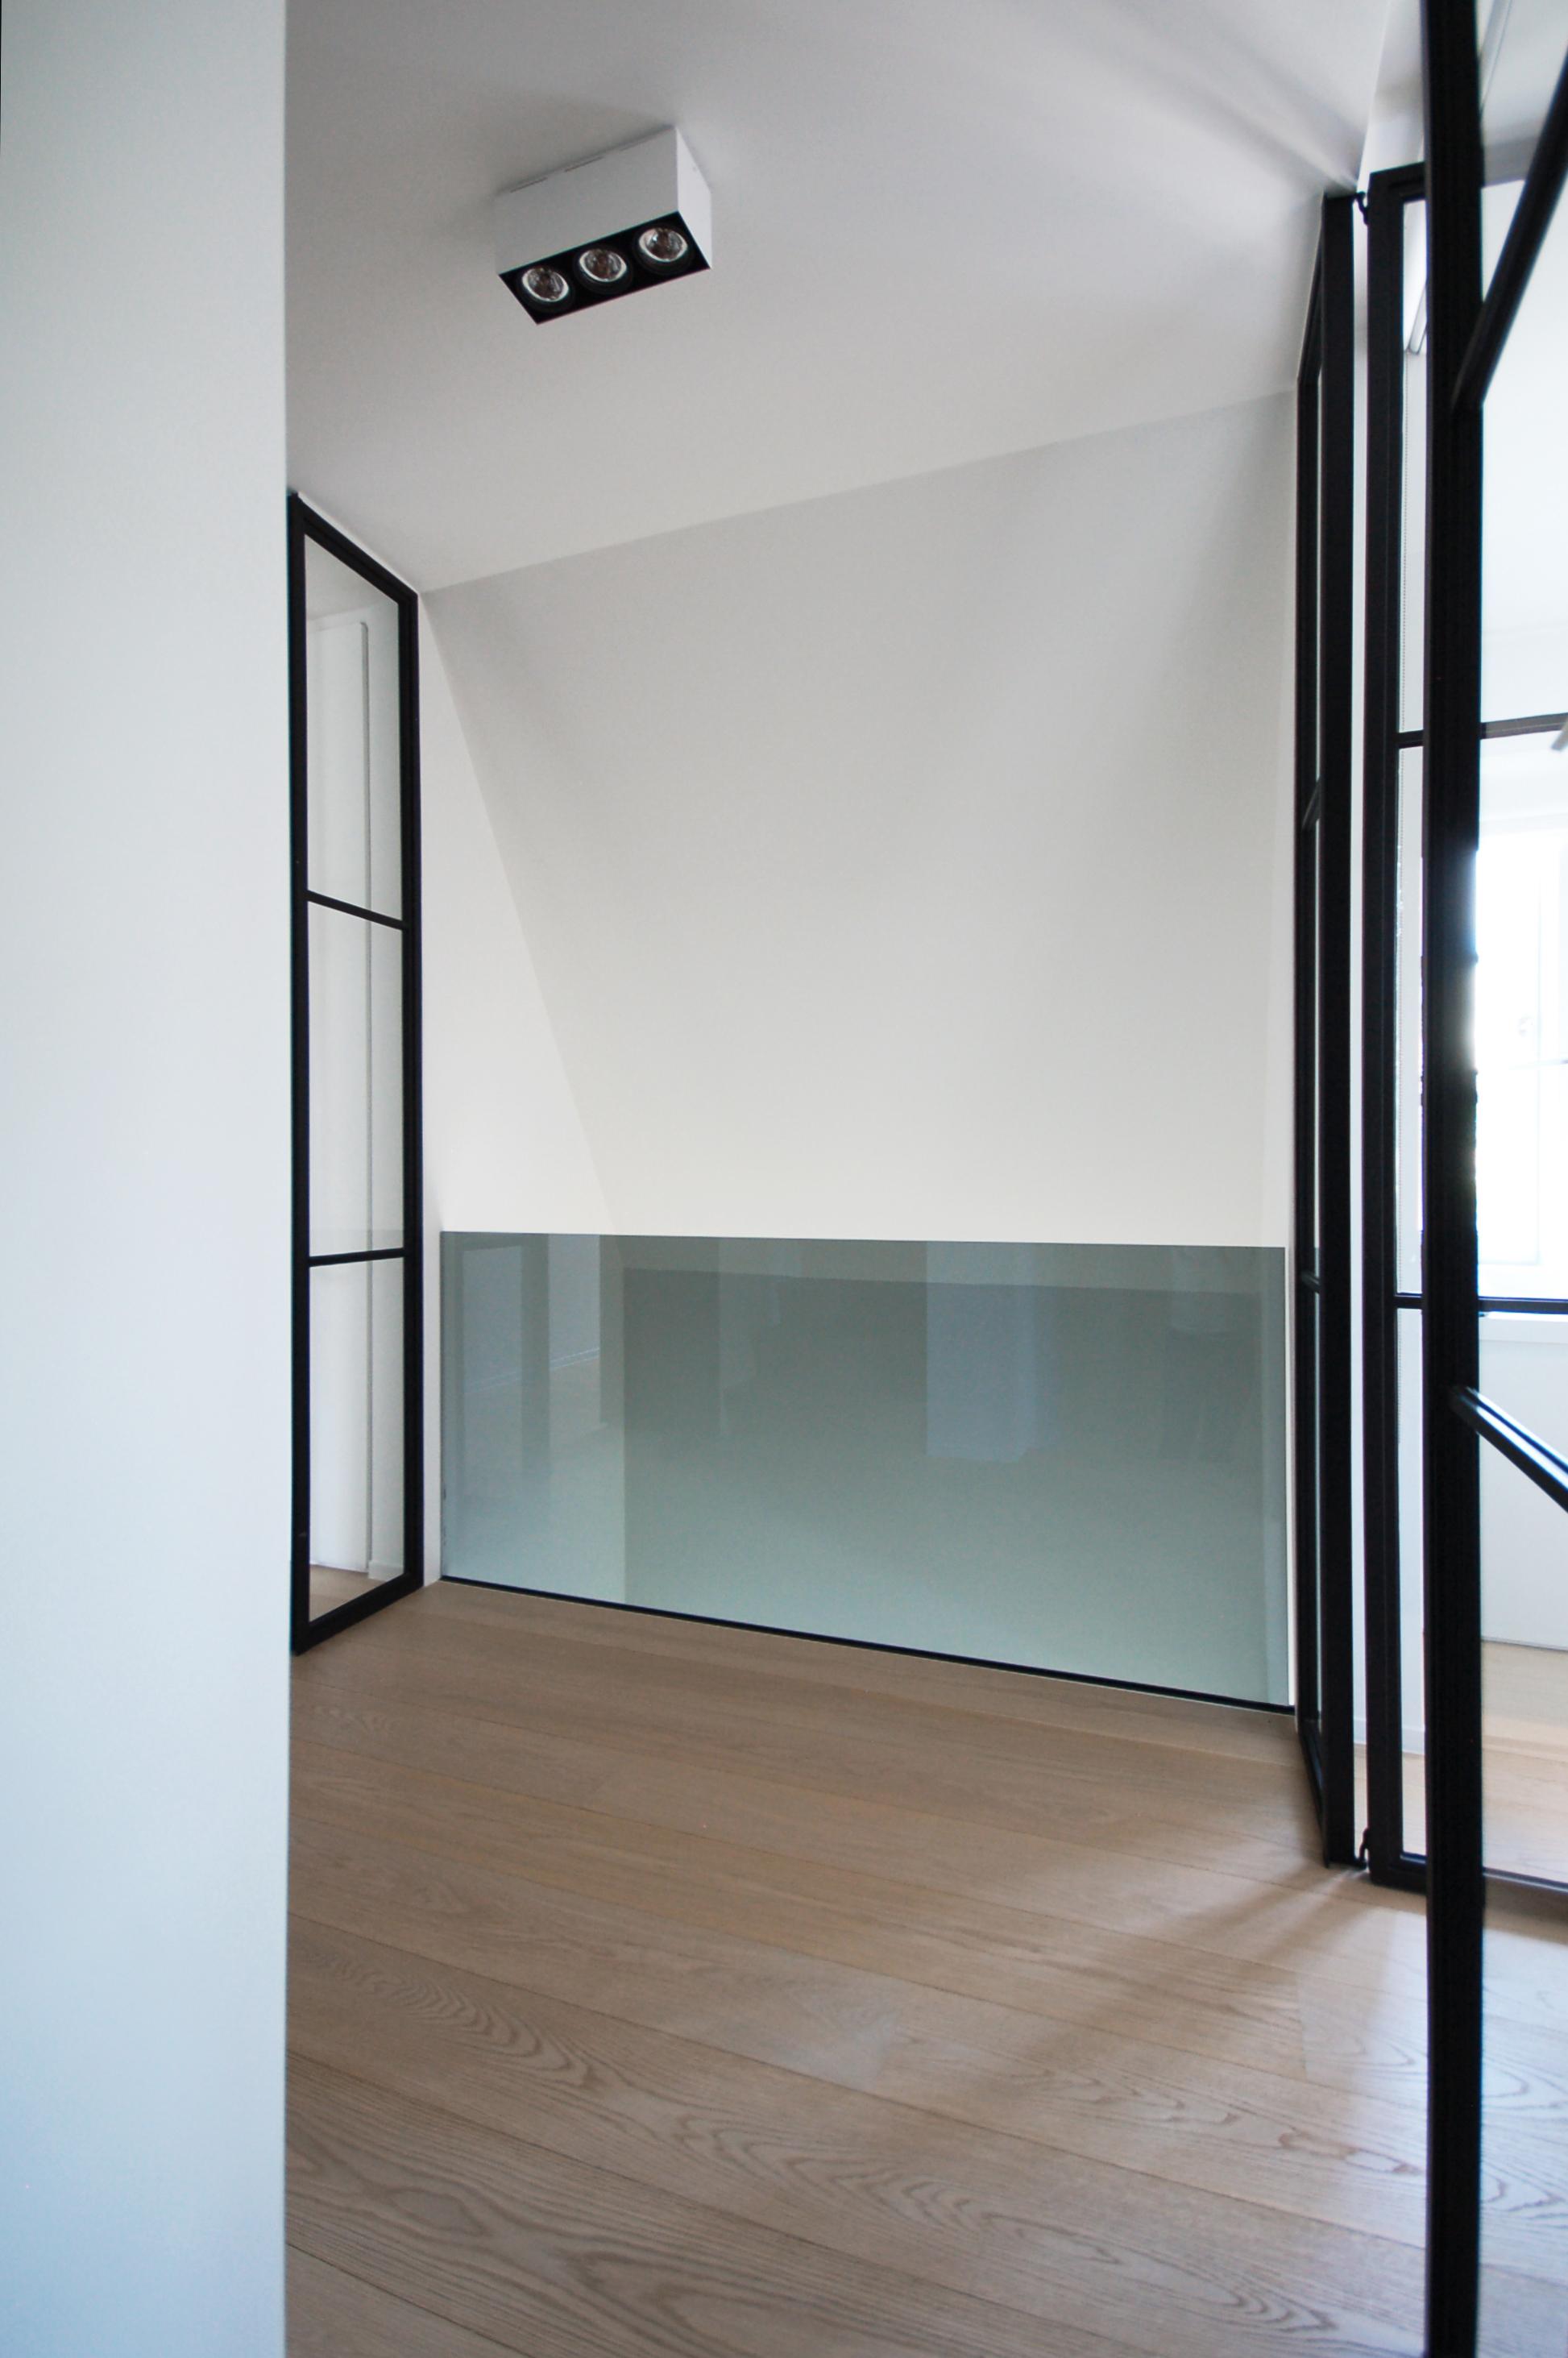 demeestervliegen-architecture-interior-interiorarchitecture-office32.jpg